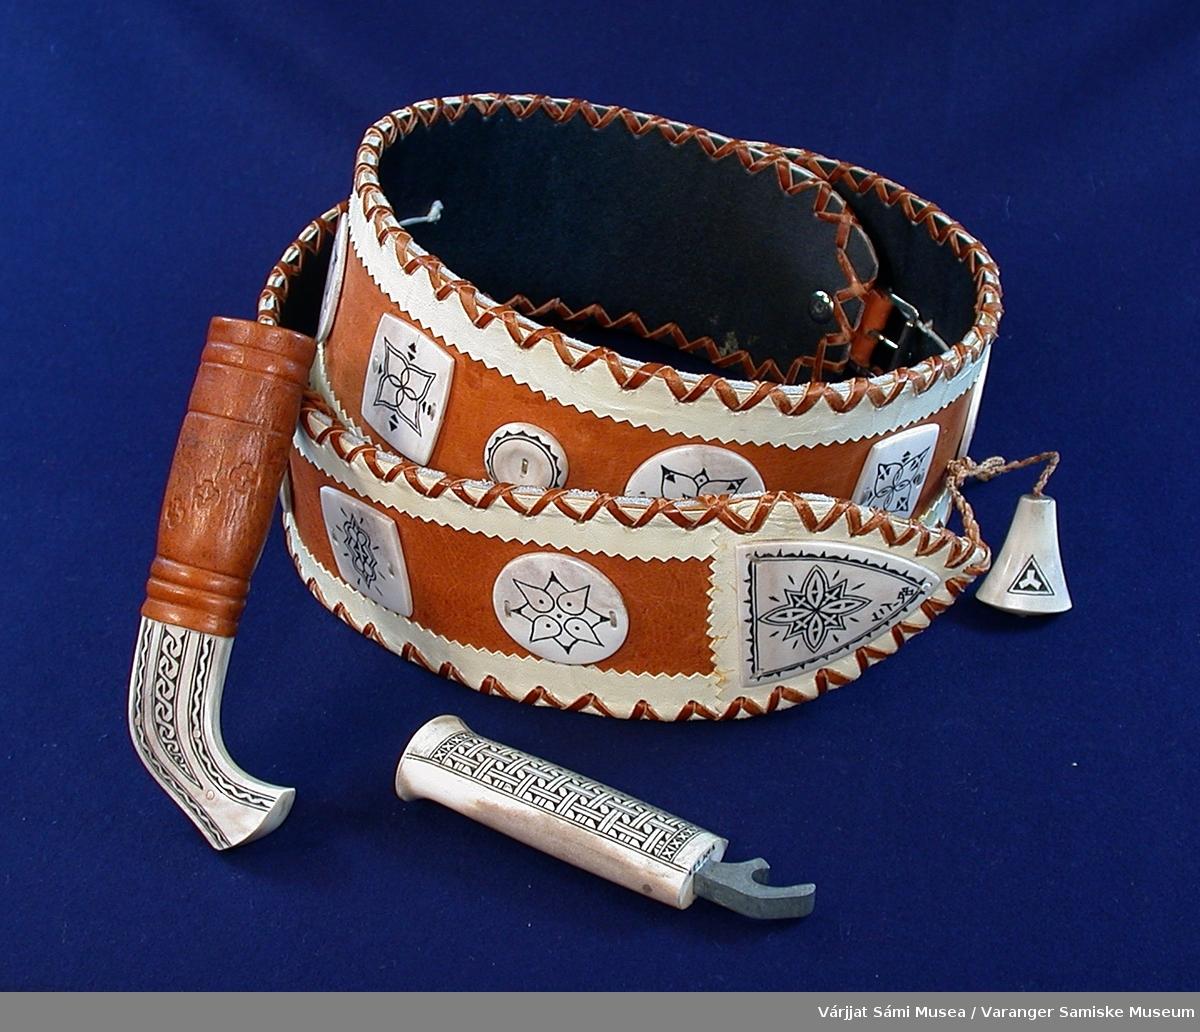 Belte av skinn med horndetaljer og medfølgende flaskeåpner med slire. Beltet er sydd av skinn i to farger, naturhvit og brun. Den lyse fargen er bunnfarge og den mørke danner mønster. Langs kantene av beltet er det sydd en sik-sak søm av brunt skinn. Horndetaljene er festet på de brune skinnstykkene, samt beltelåsen/spennen er av horn. Horndetaljene er dekorert med inngraveringer smurt med et mørkt fargestoff.  I beltet henger en slire, den er av reinhorn og skinn som er festet med en tvunnet skinnsnor. Sliras nedre del av horn er dekorert med inngraveringer som er smurt med et mørkt fargestoff. Oppi slira er en flaskeåpner av dekorert horn (samme dekor som de andre hornstykkene). Selve åpneren er av metall, skaftet av dekorert horn.